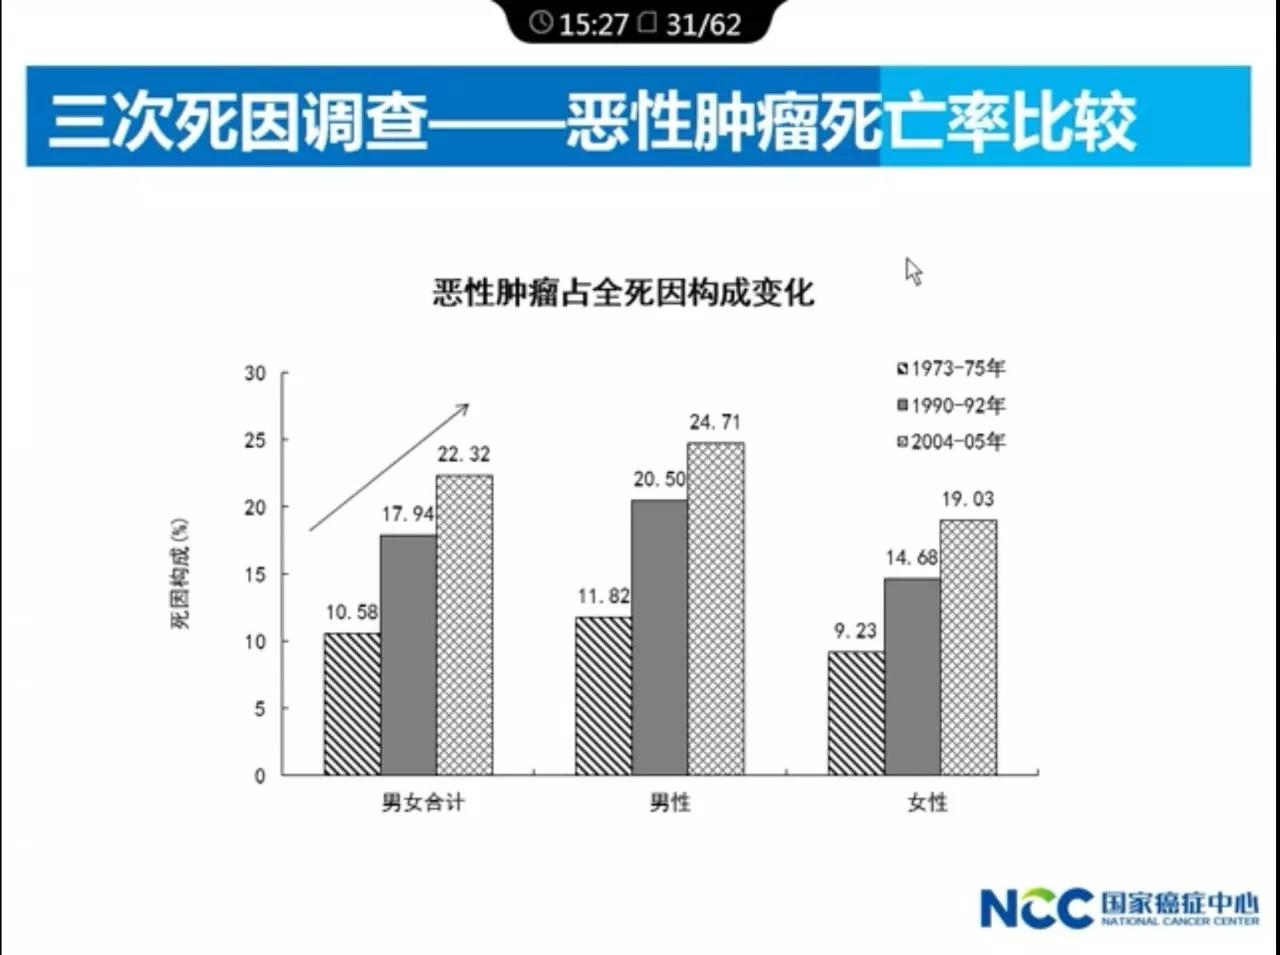 中国医科院肿瘤医院院长解读:2017年中国肿瘤的现况和趋势.webp (9).jpg